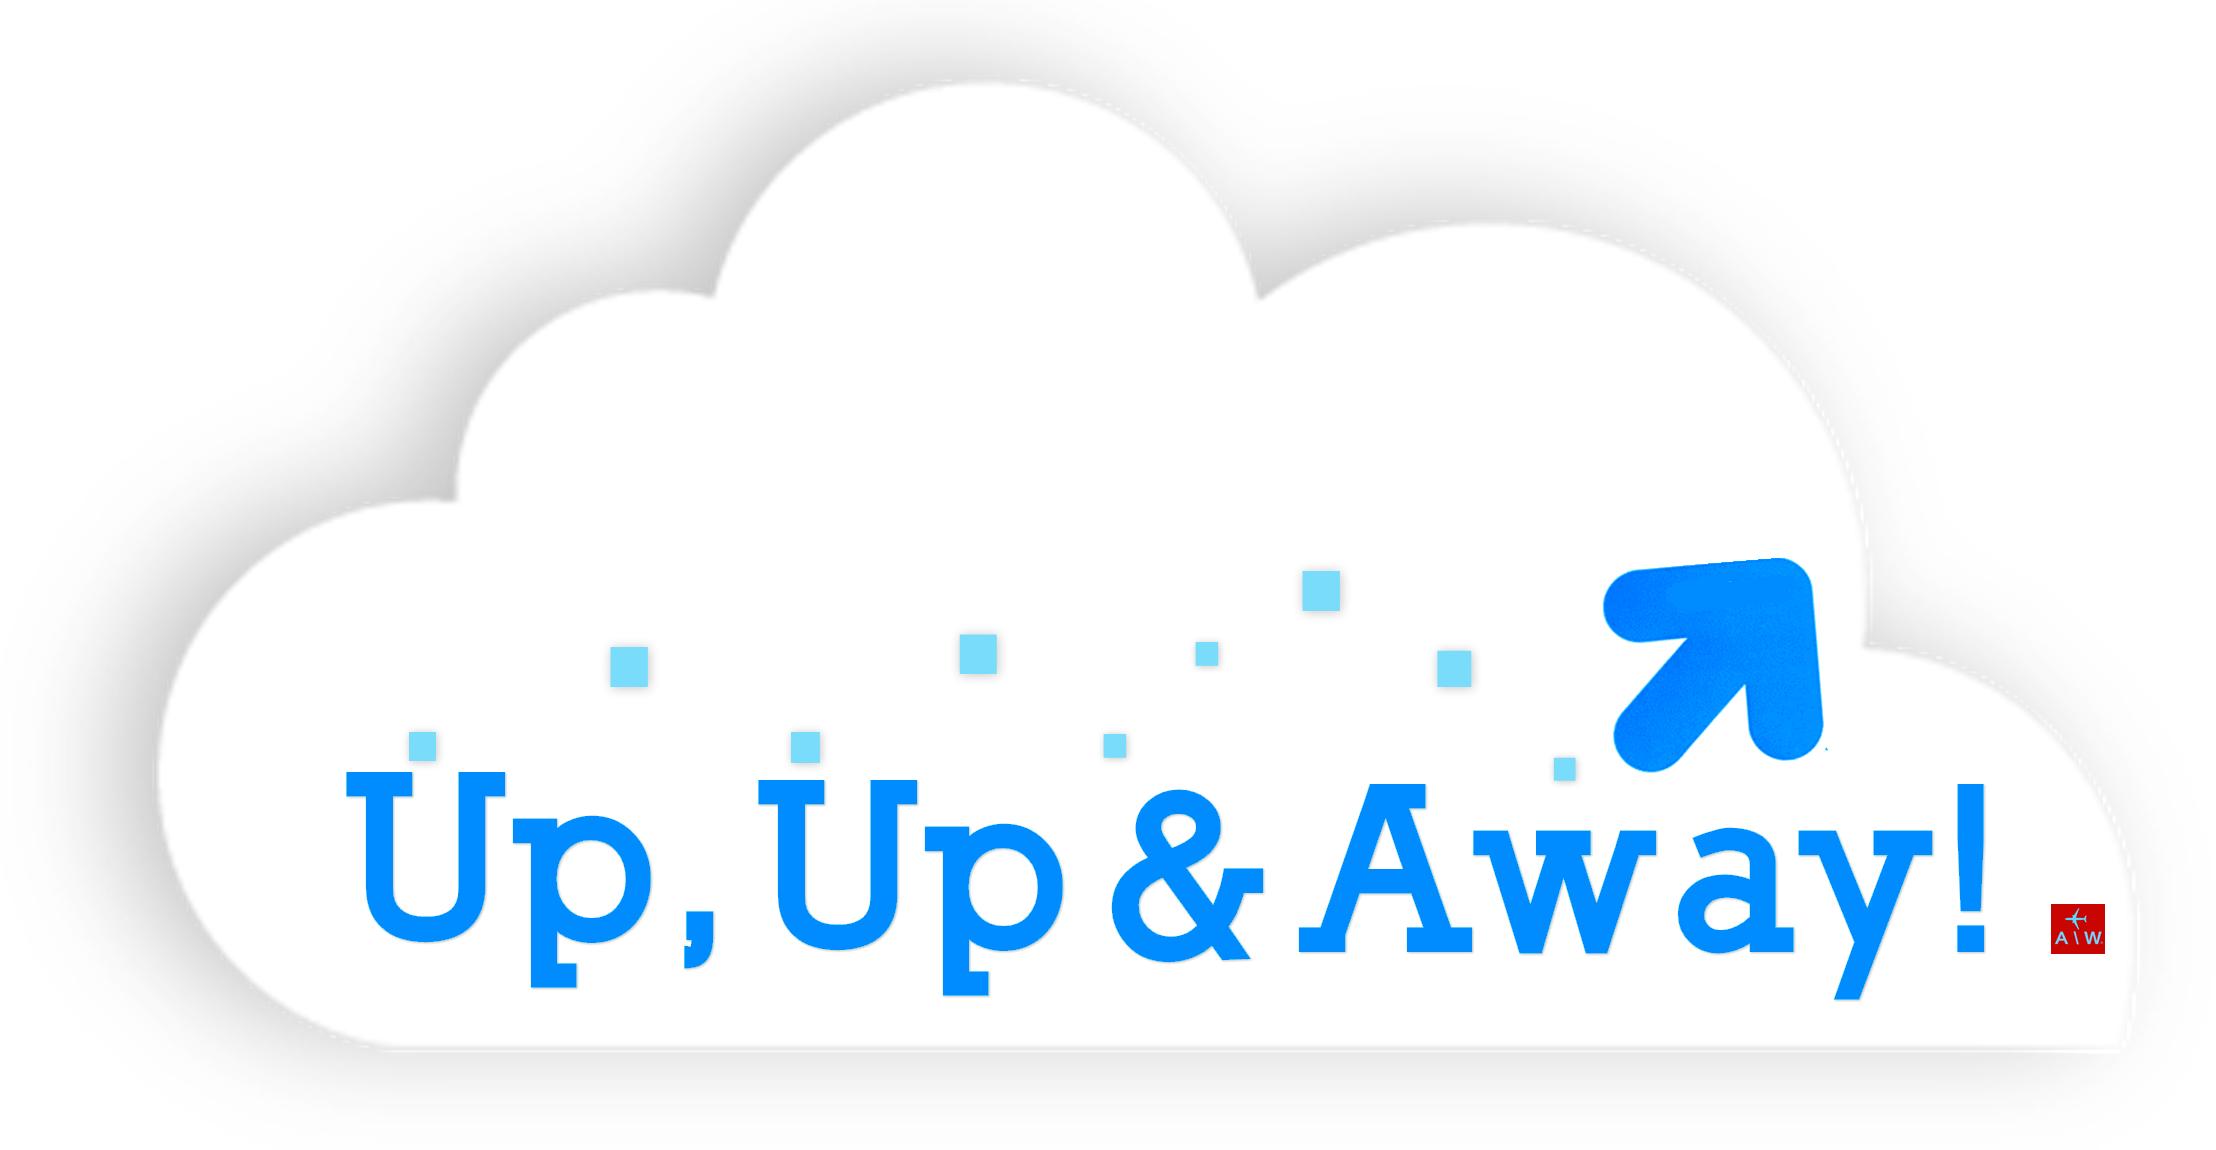 AW-Up!Up!&Away!